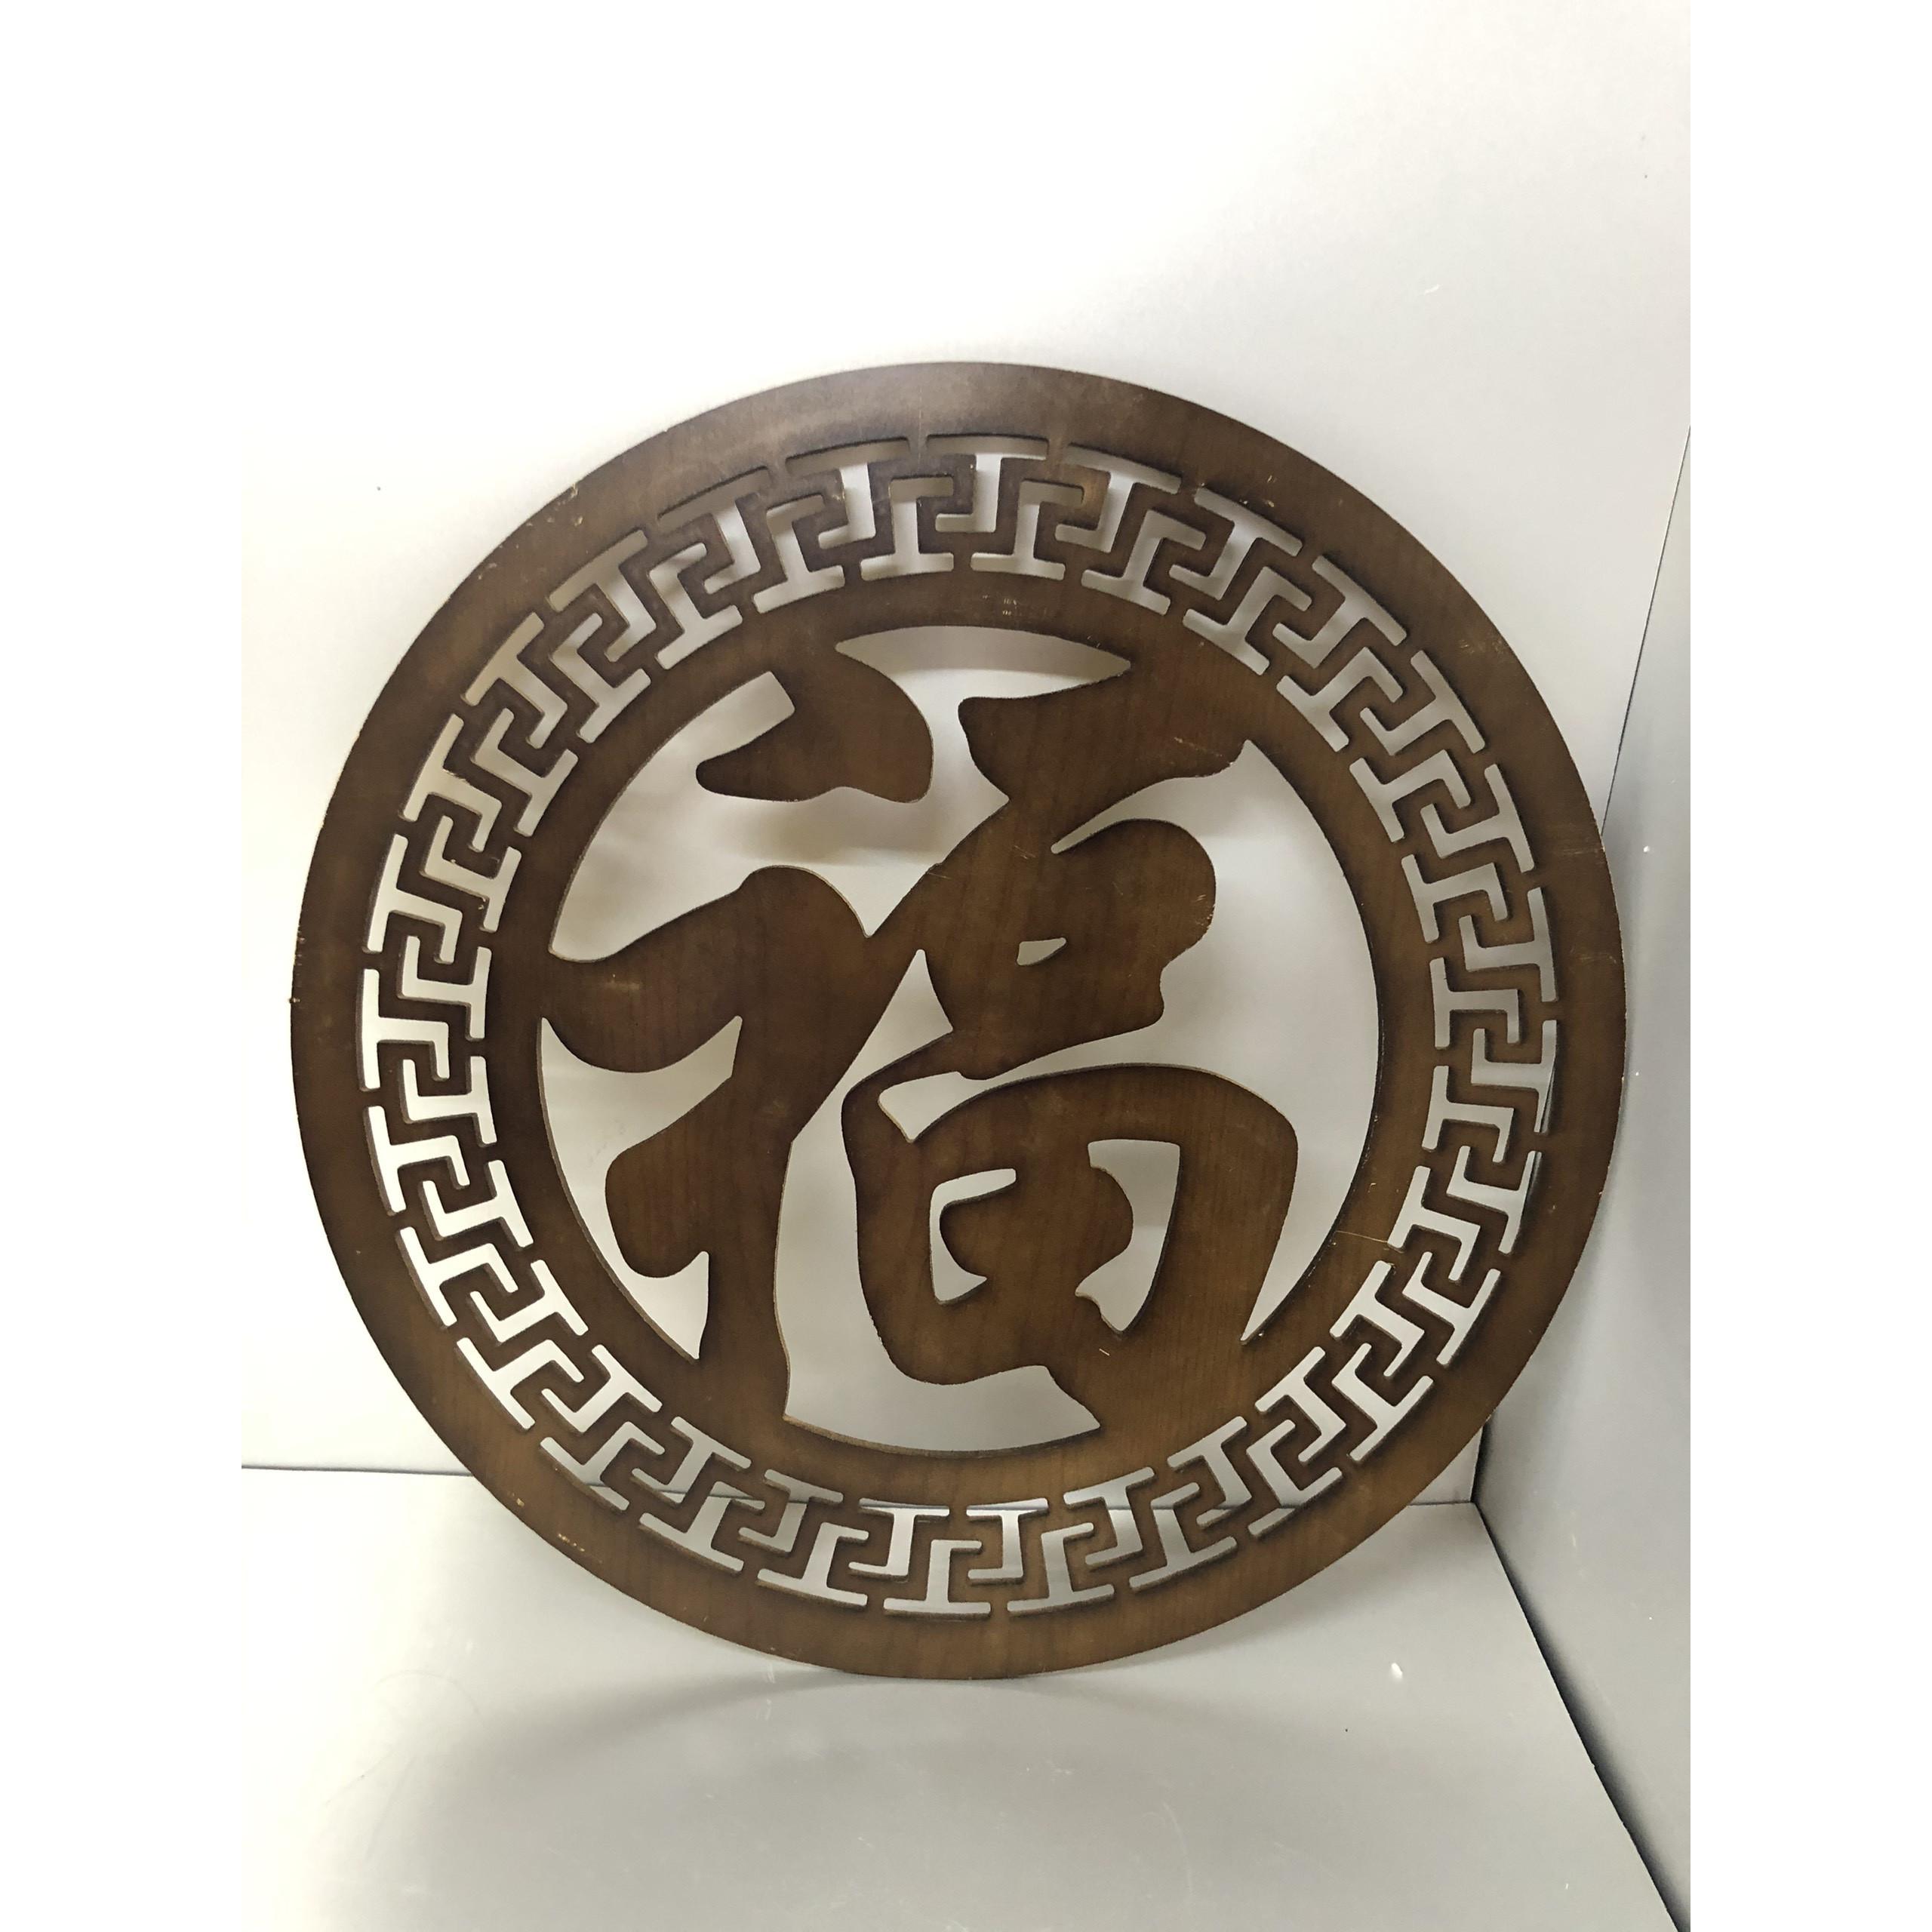 Tấm trang trí bàn thờ treo tường chữ Phúc hán, chất liệu bằng gỗ, phun mầu óc chó -BH28